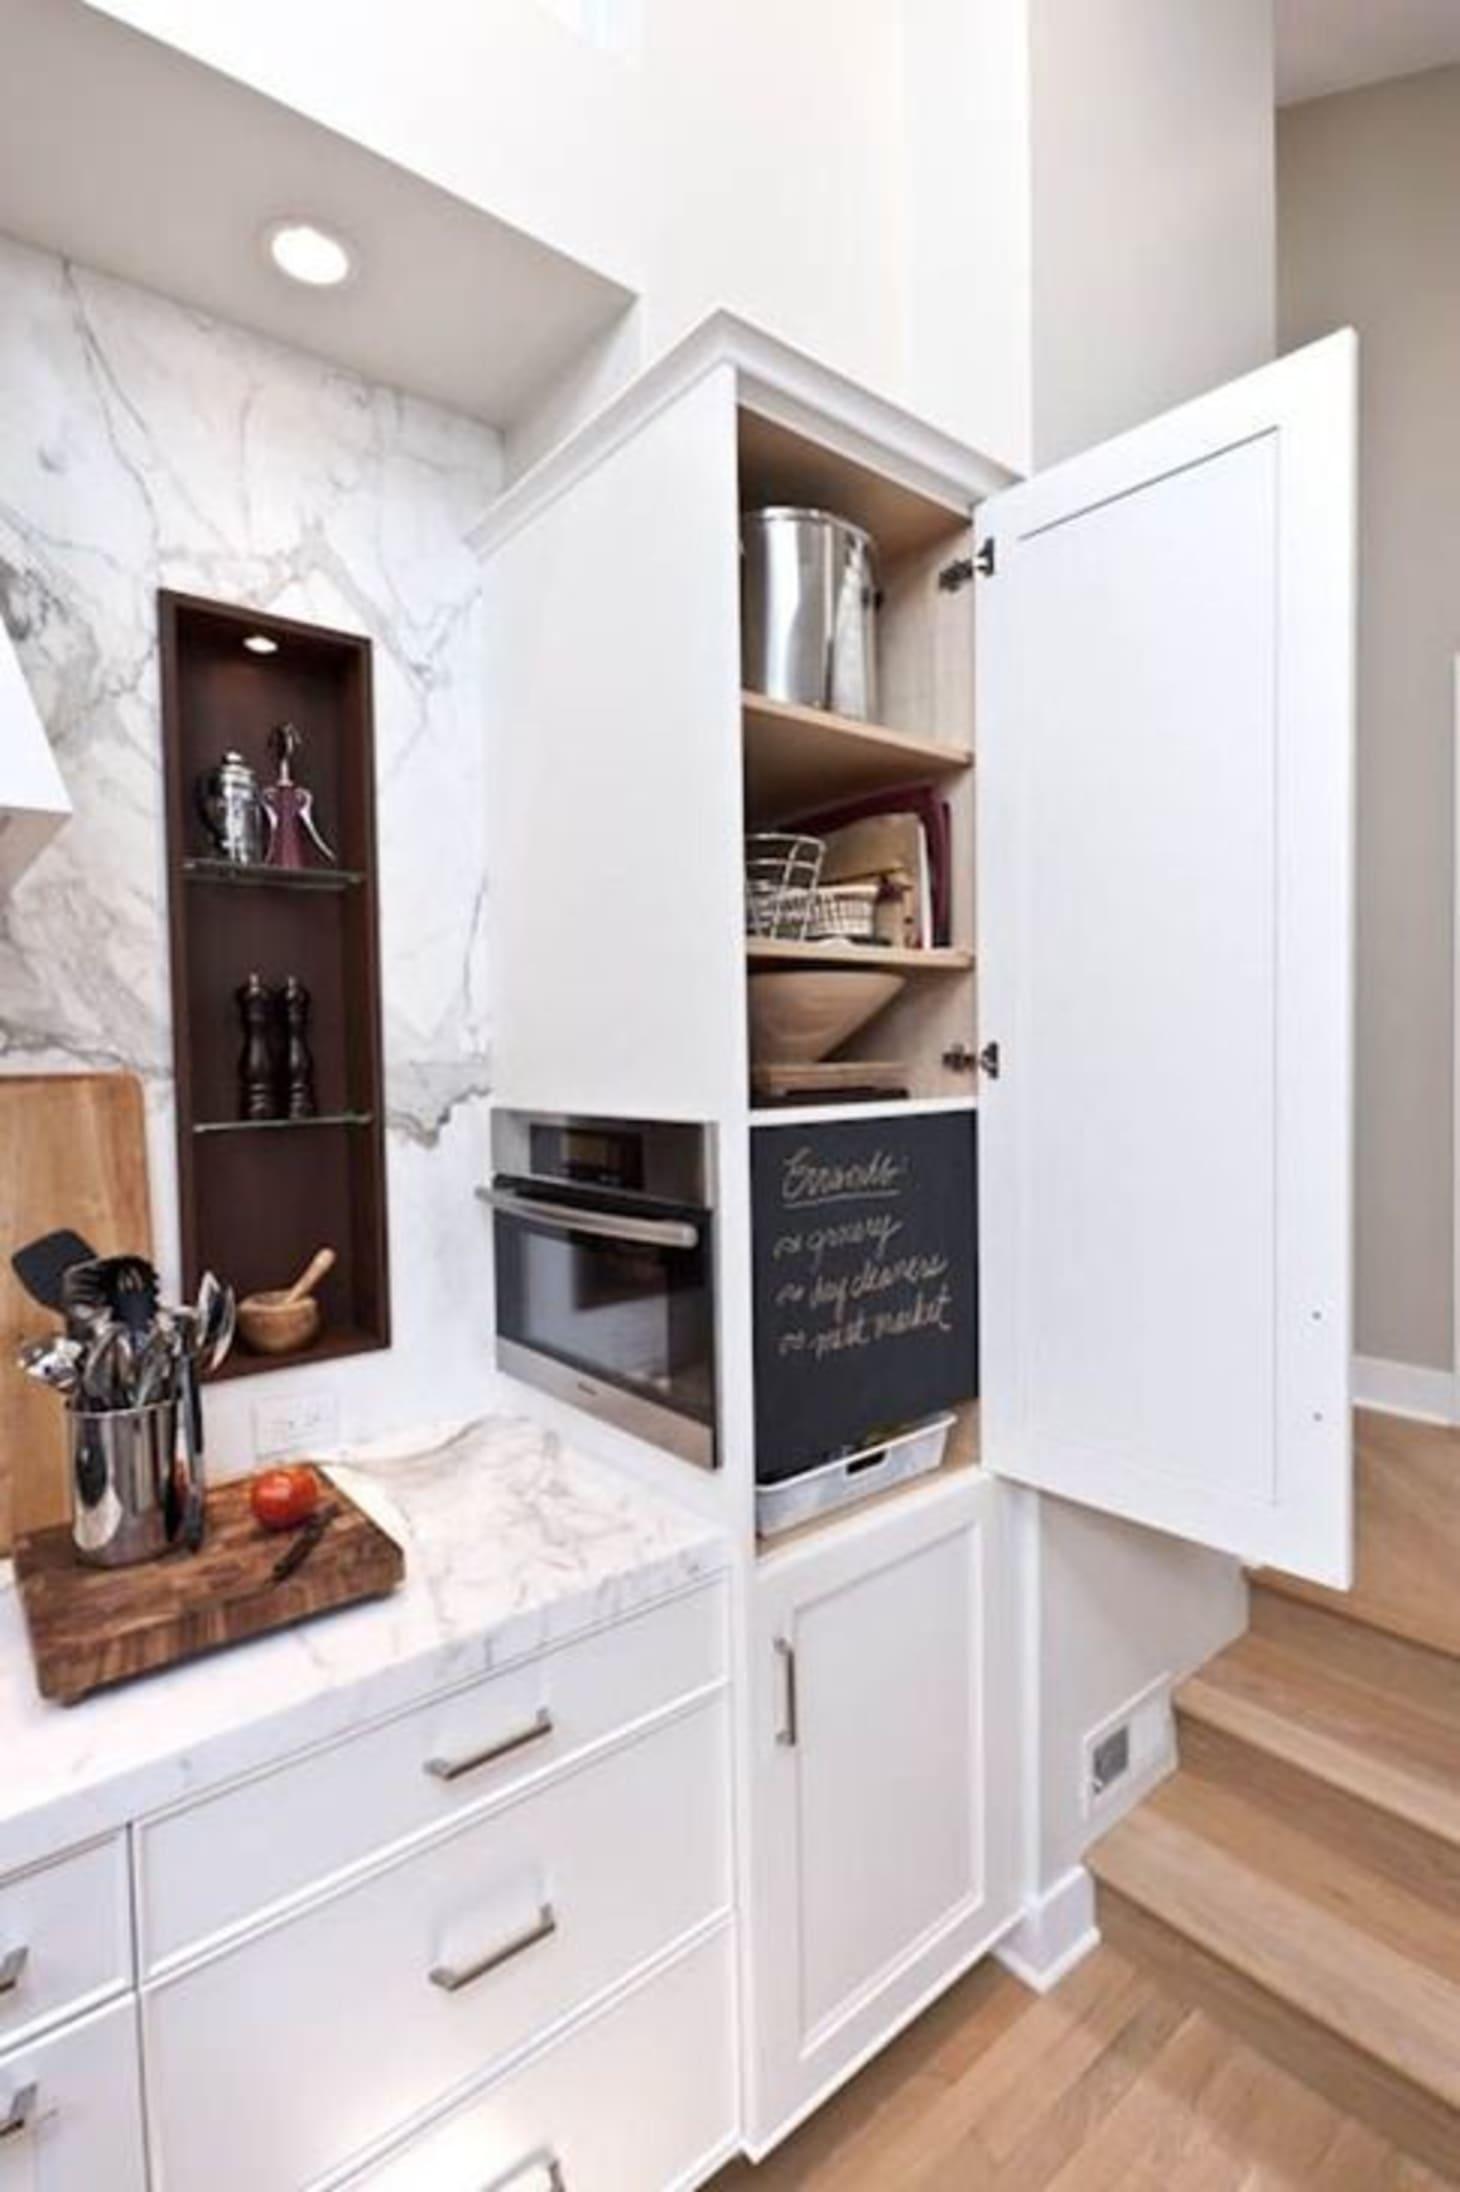 Microwaves in the Kitchen: Hidden Storage Solutions ... on kitchen hidden sink, kitchen hidden storage, kitchen hidden pantry,